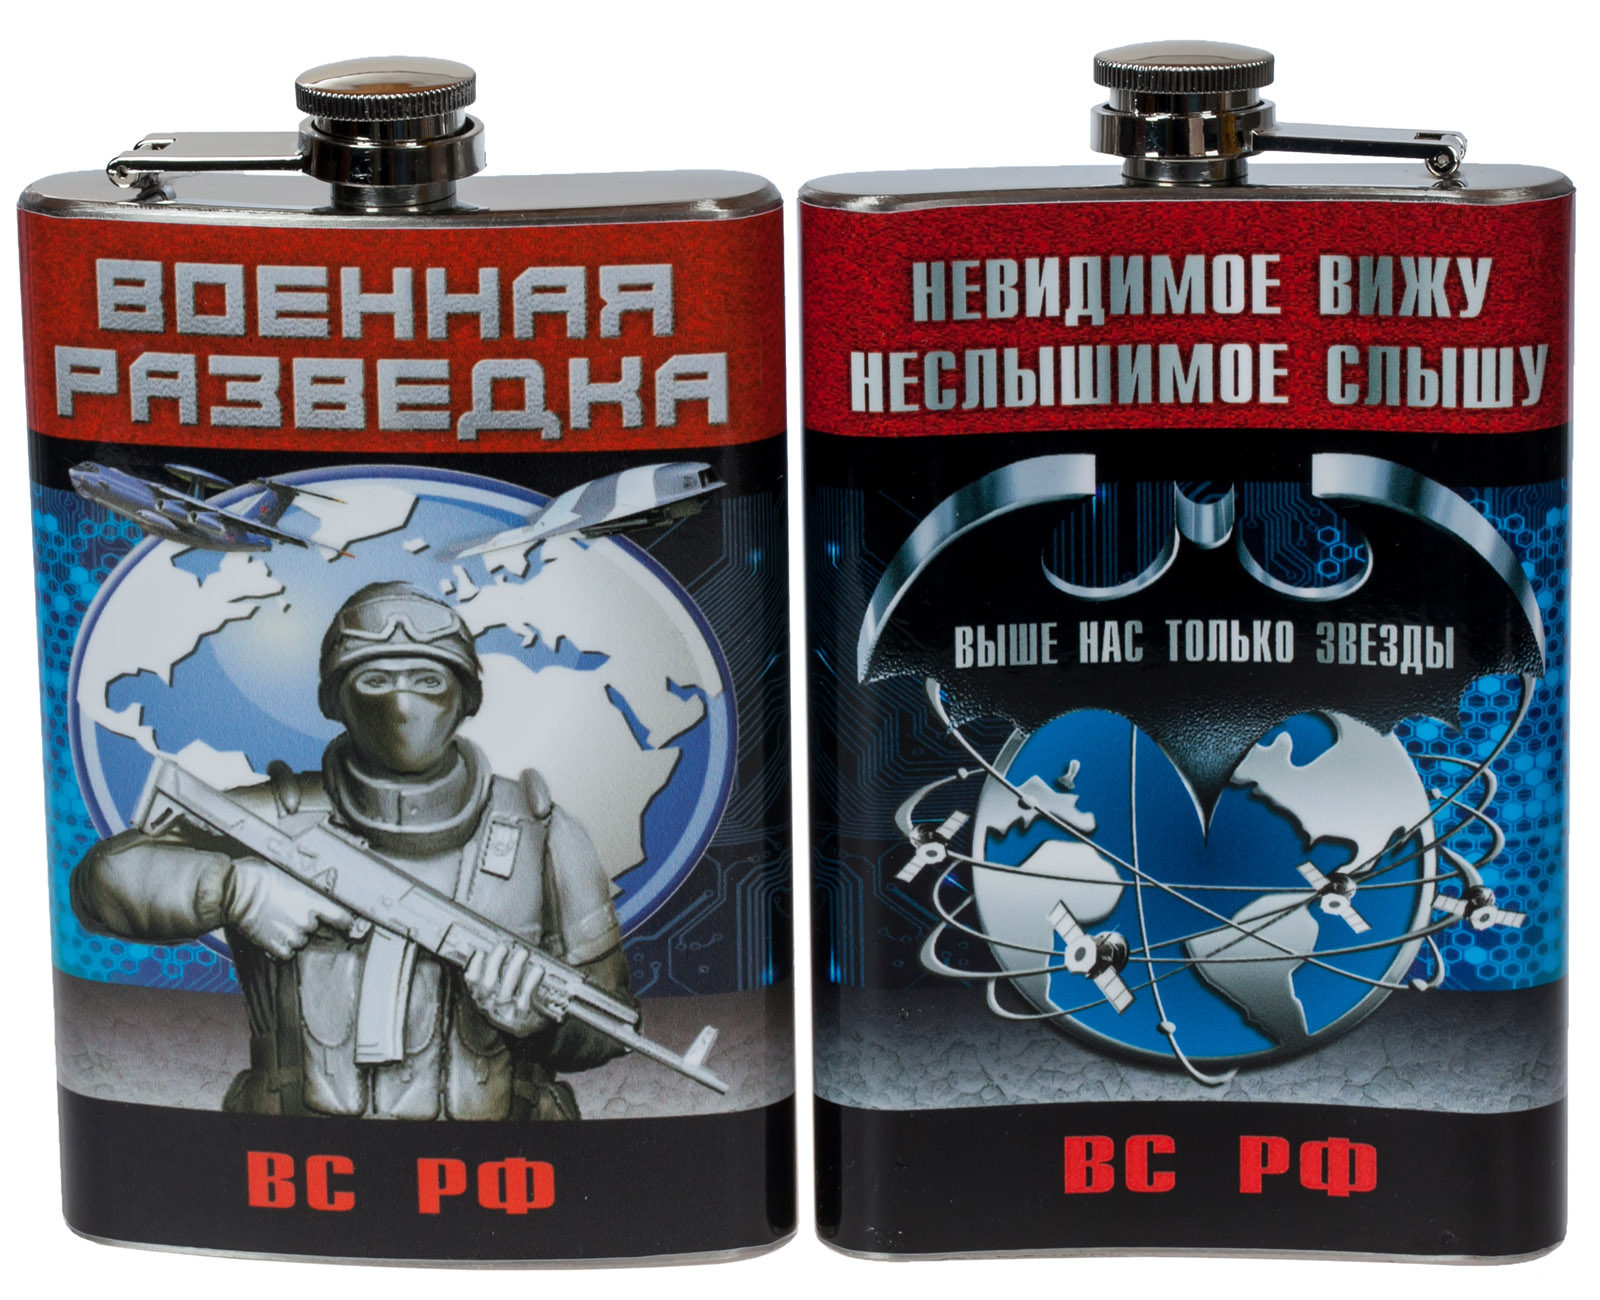 """Фляжка """"Военный разведчик"""" - купить в интернет-магазине"""